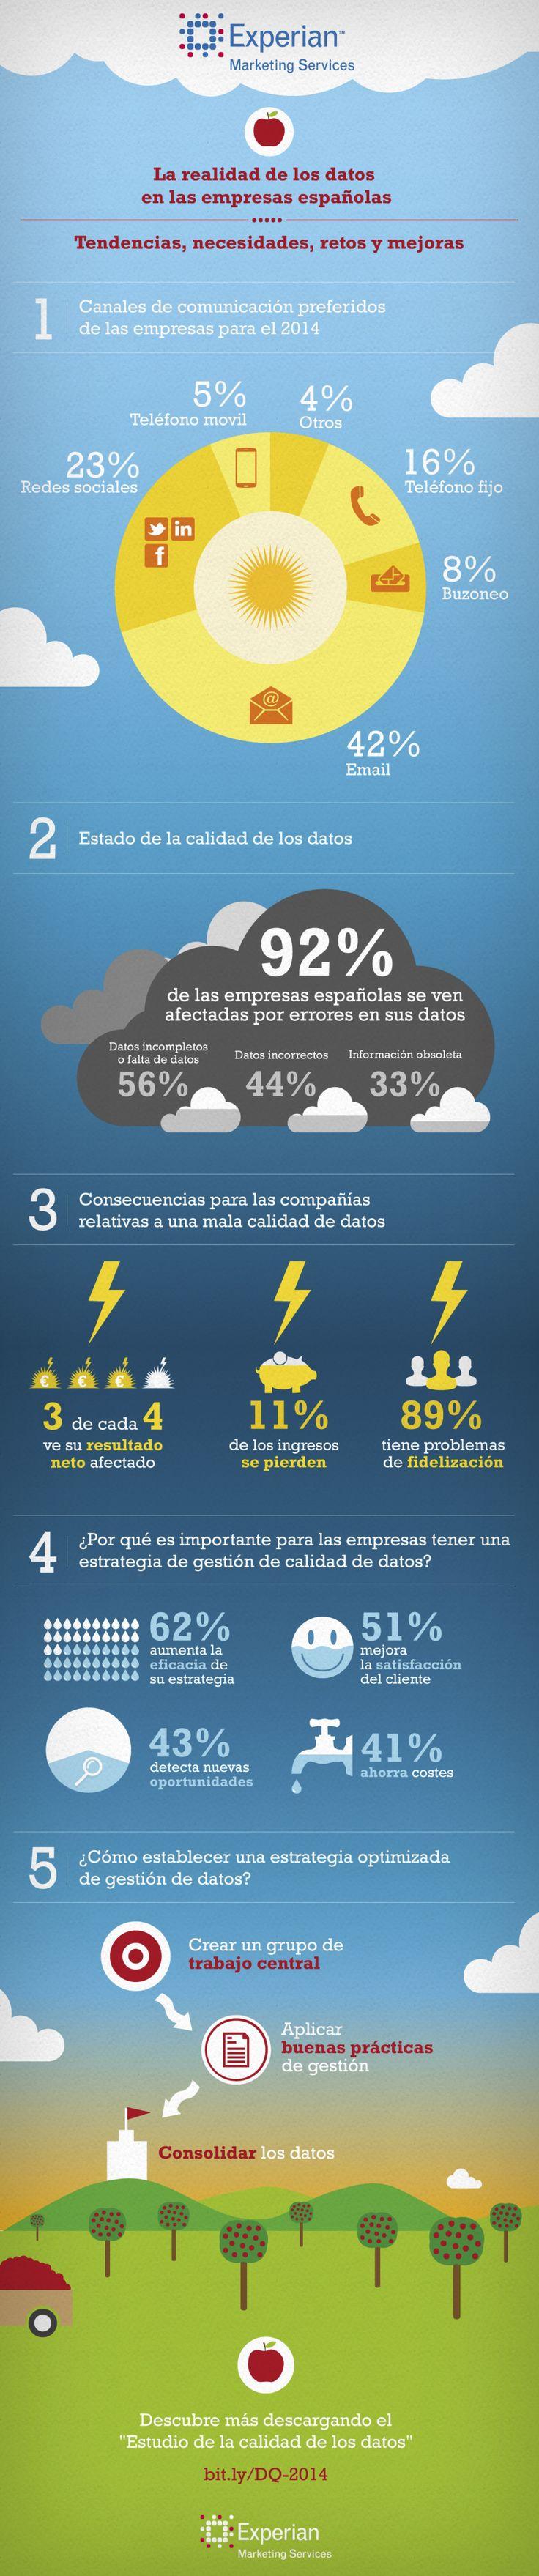 La realidad de los datos en las empresas españolas #infografia #infographic